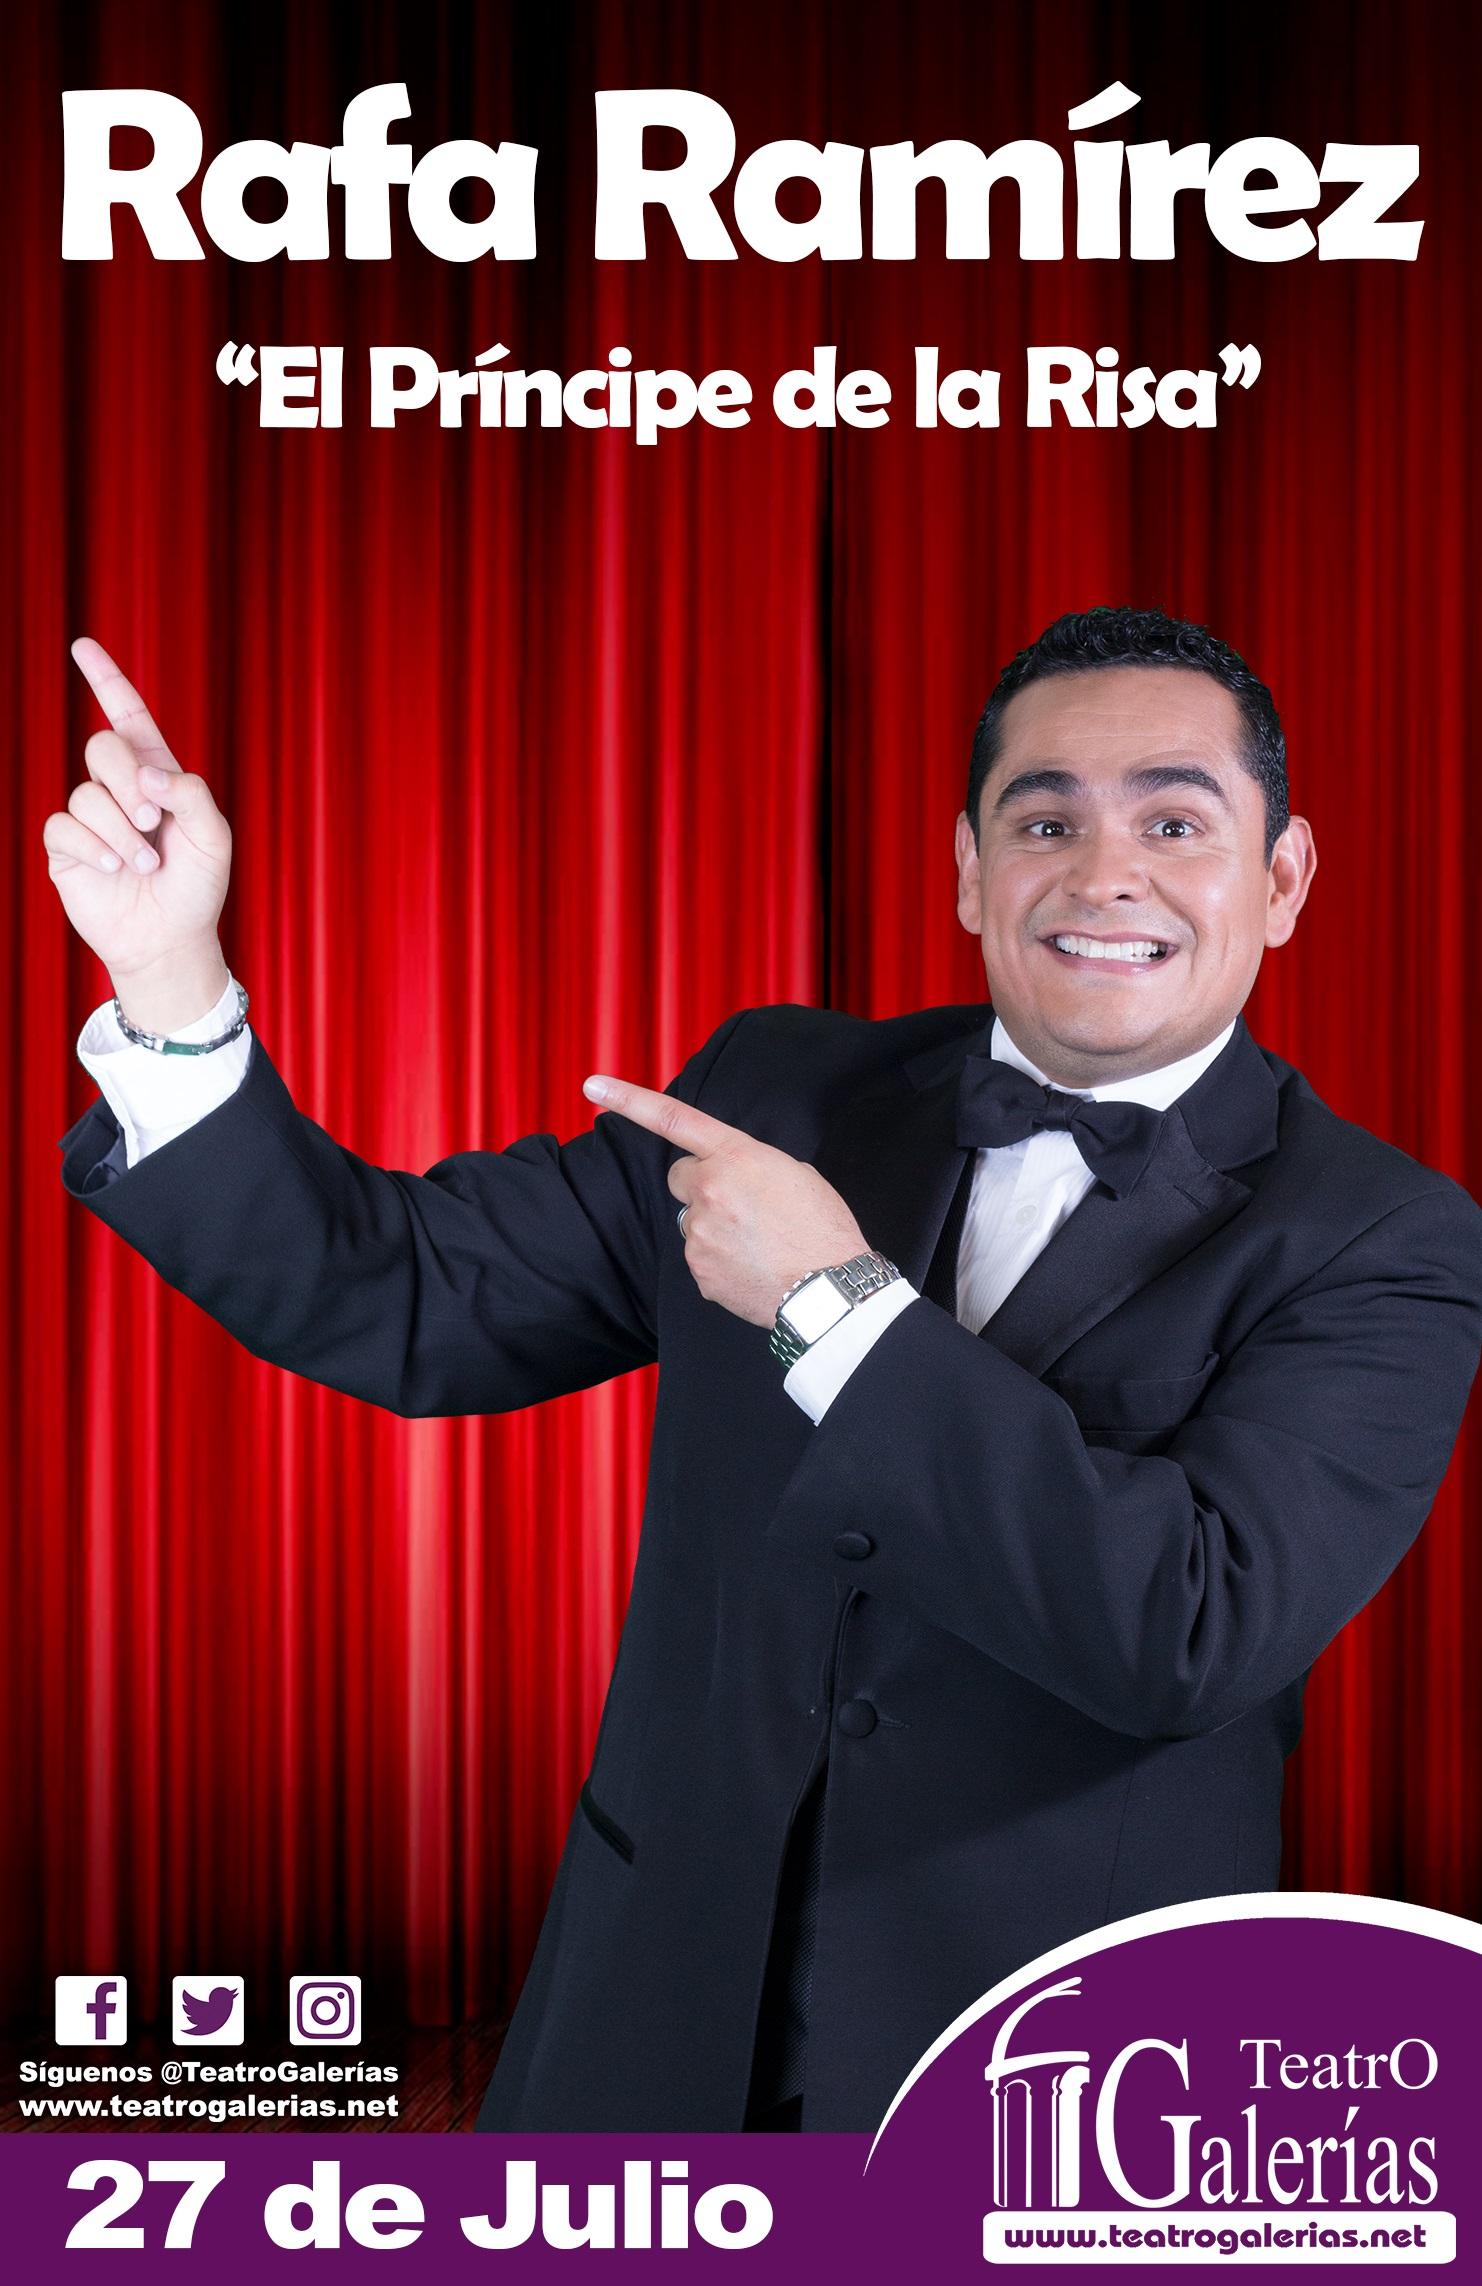 Rafa Ramirez / Teatro Galerías